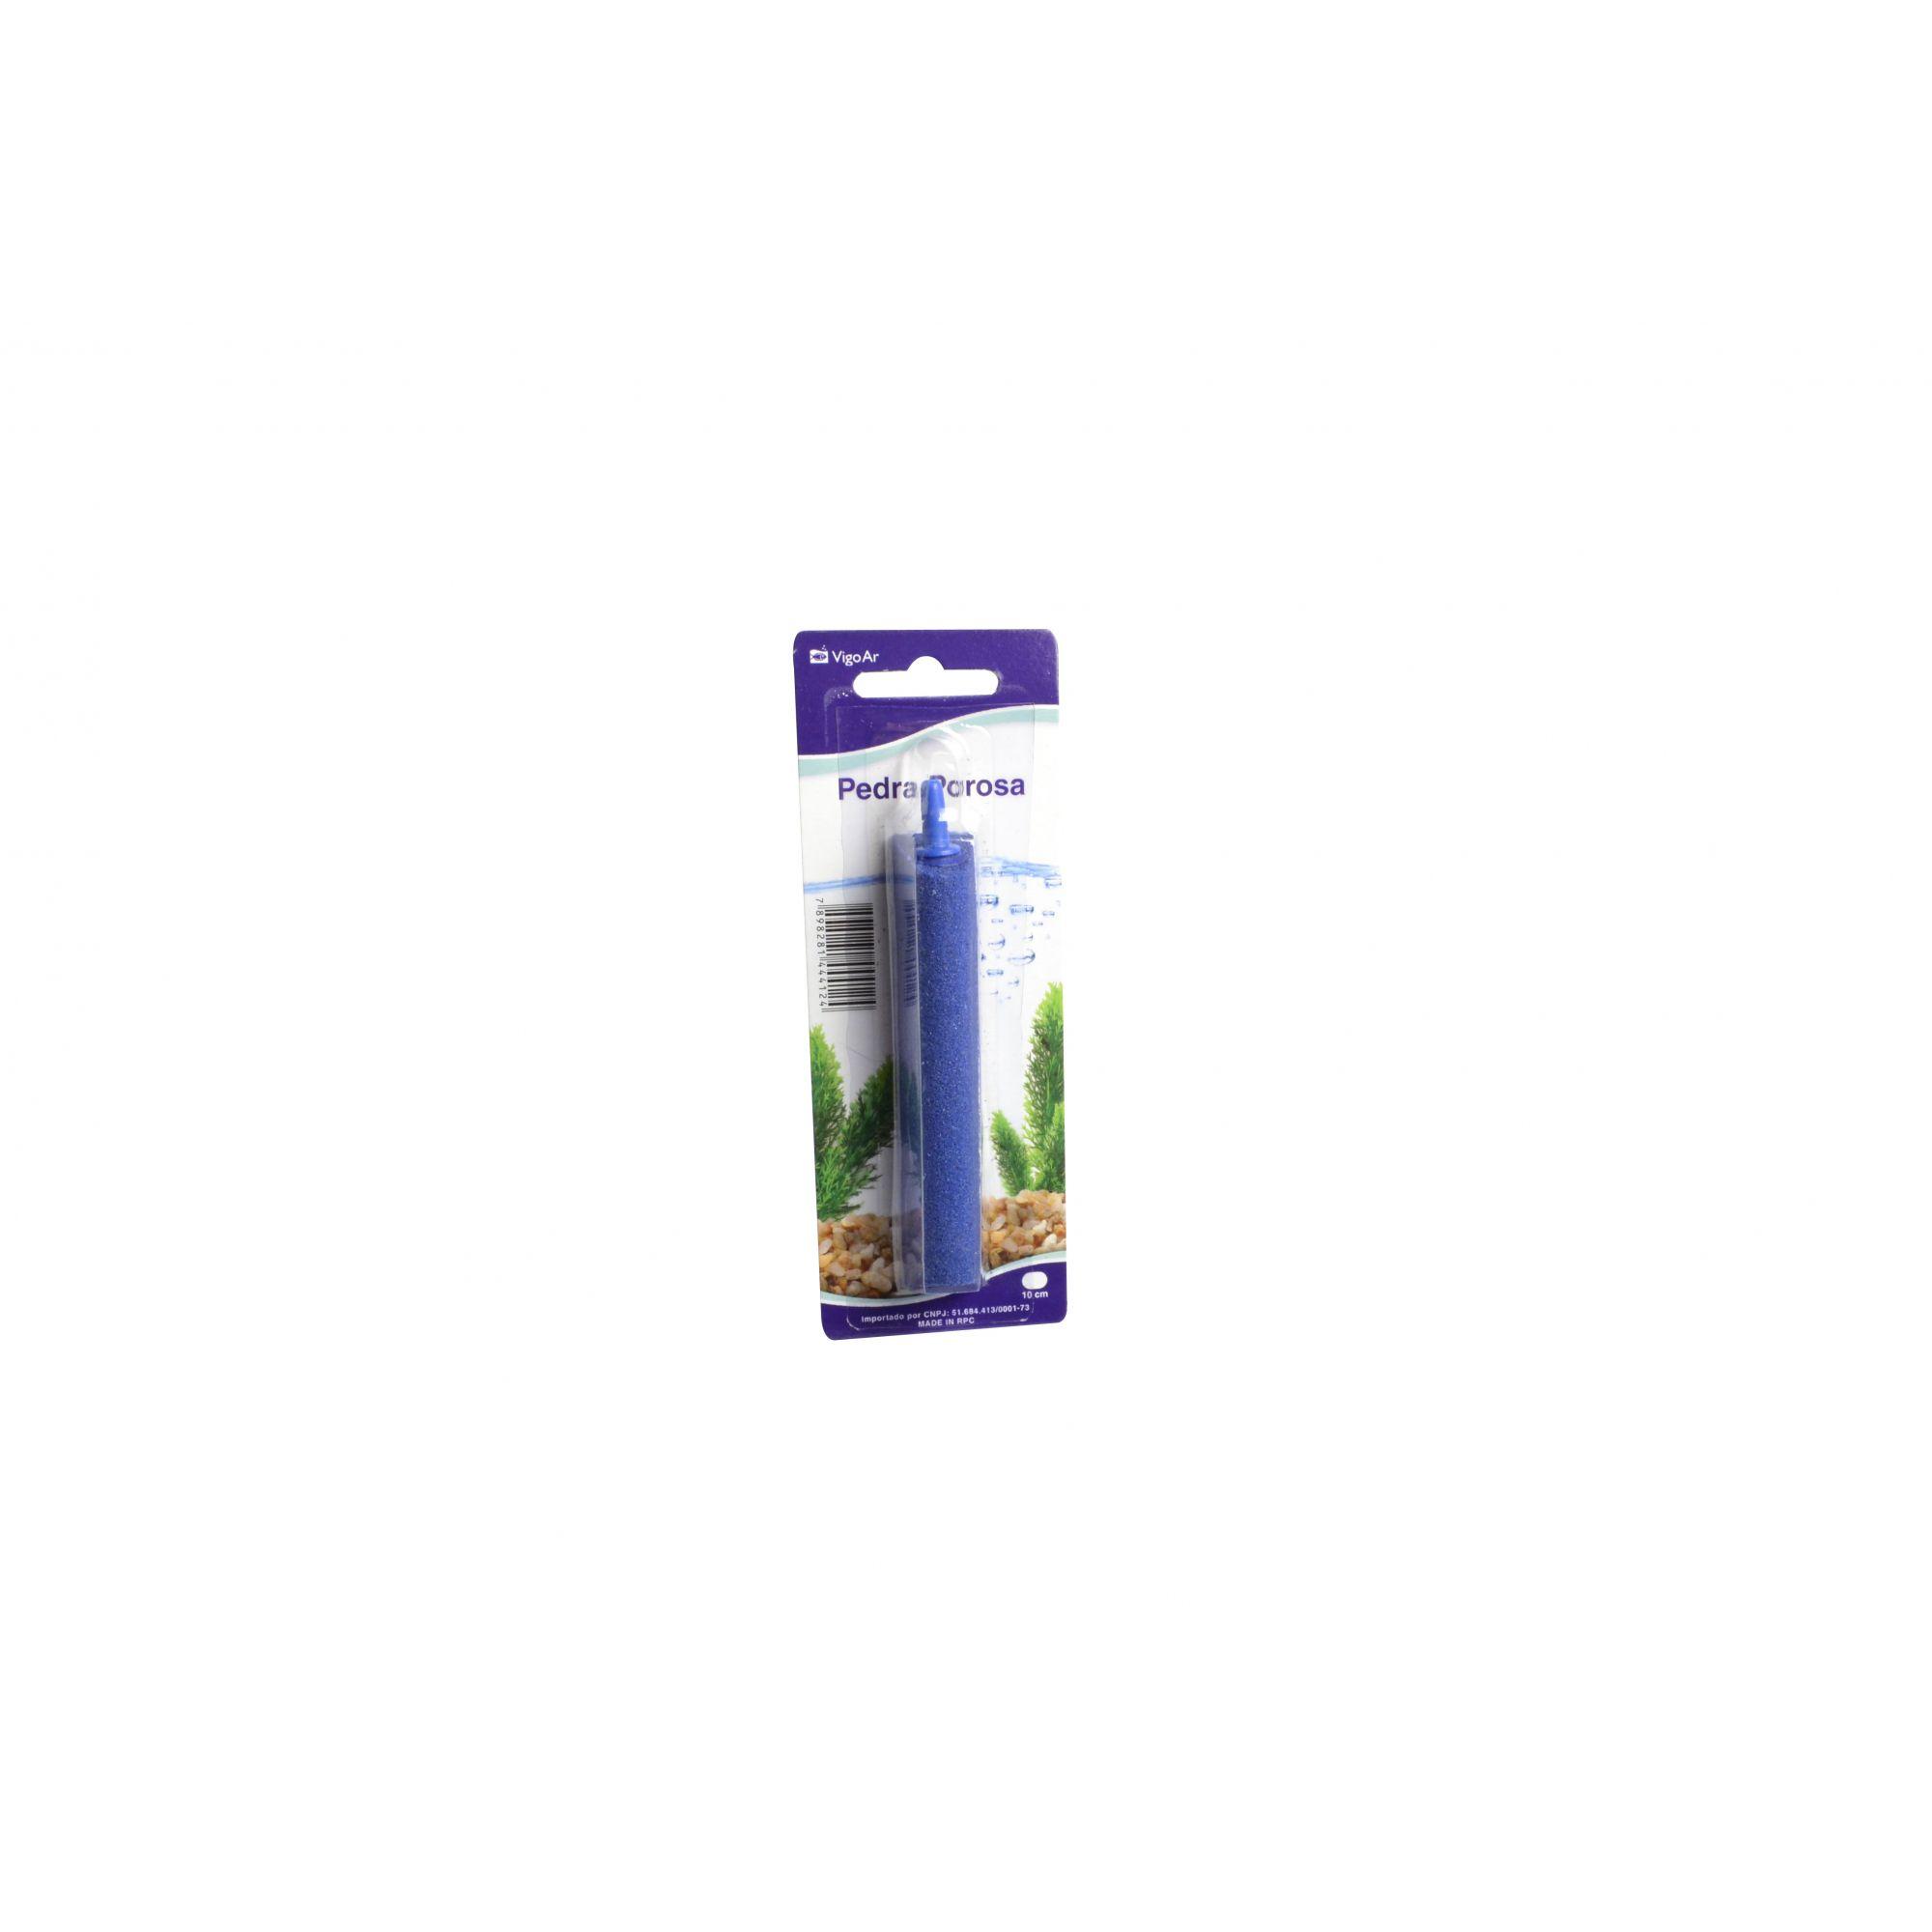 Pedra Porosa para aeração circulação do oxigênio na água em aquários 10cm Vigoar